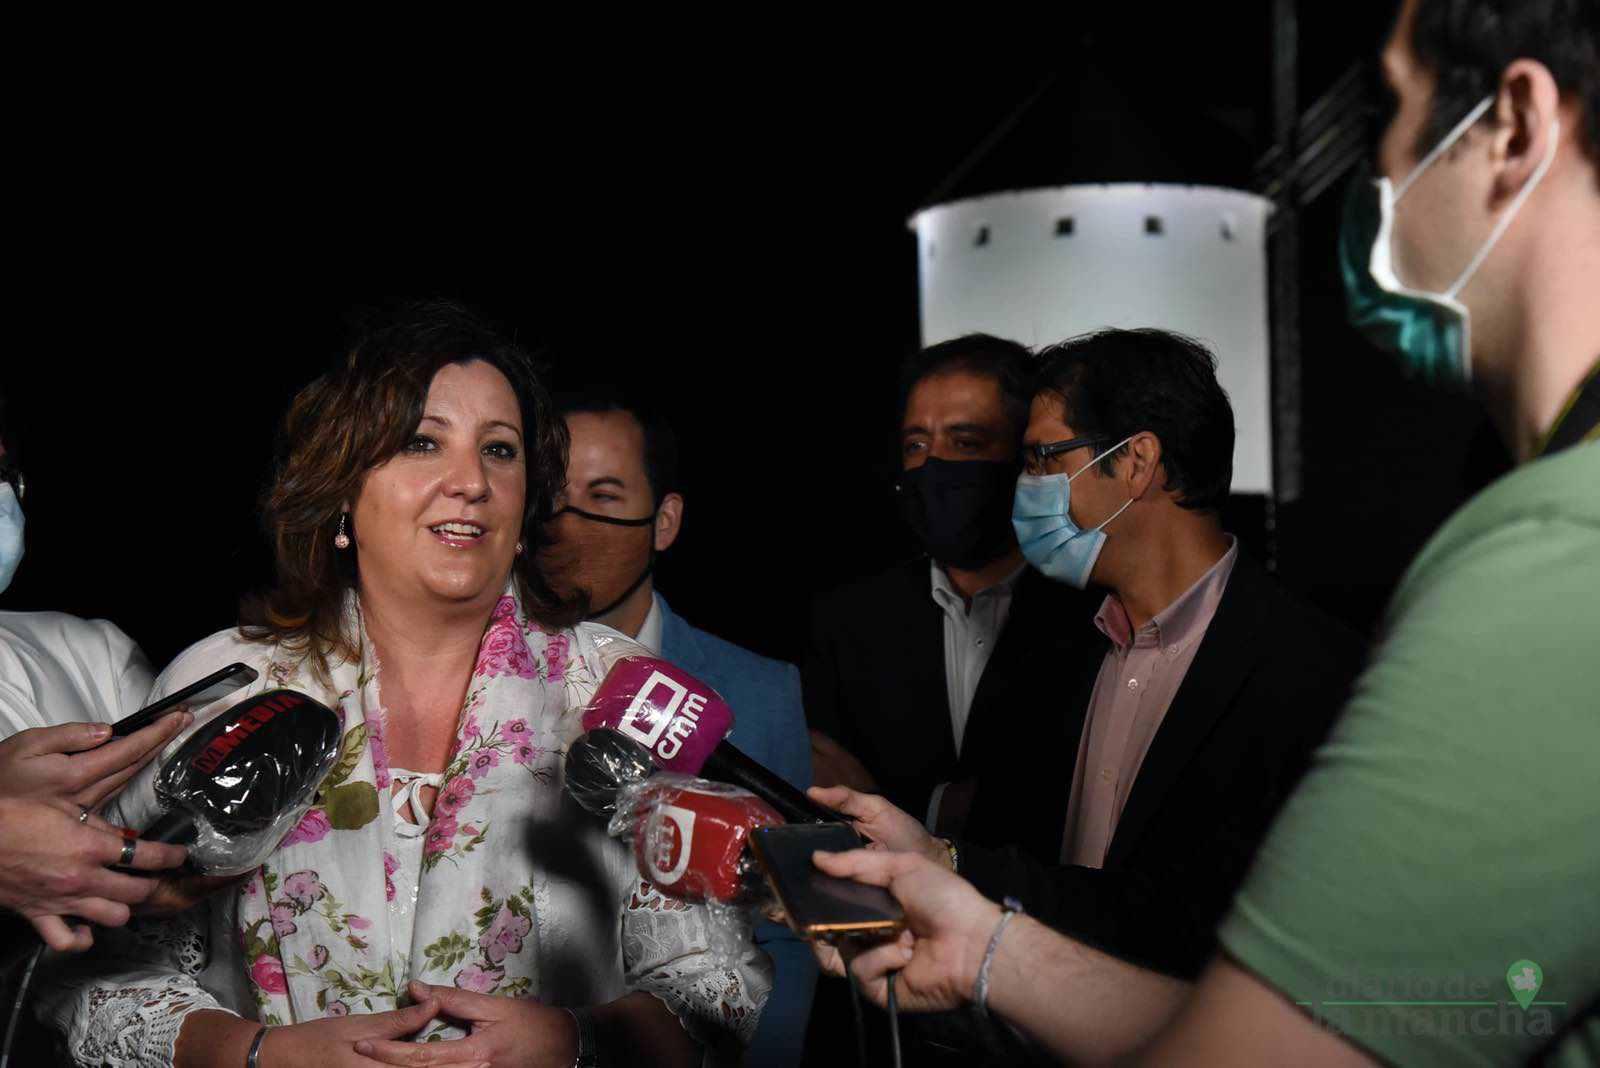 Herencia vuelve a inaugurar con una nueva iluminación artística sus molinos de viento 32